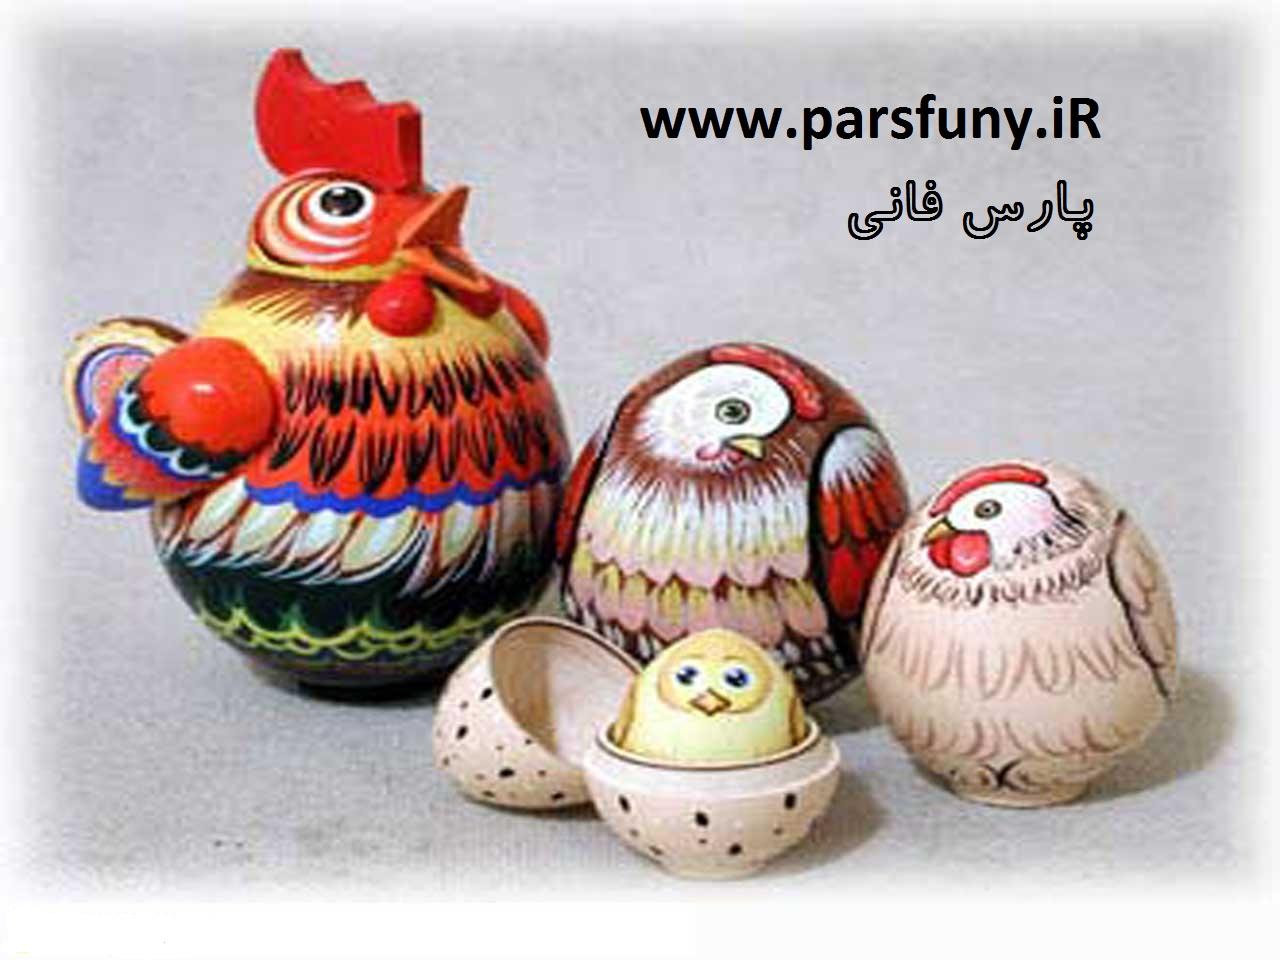 شعر طنز و خنده دار عید نوروز